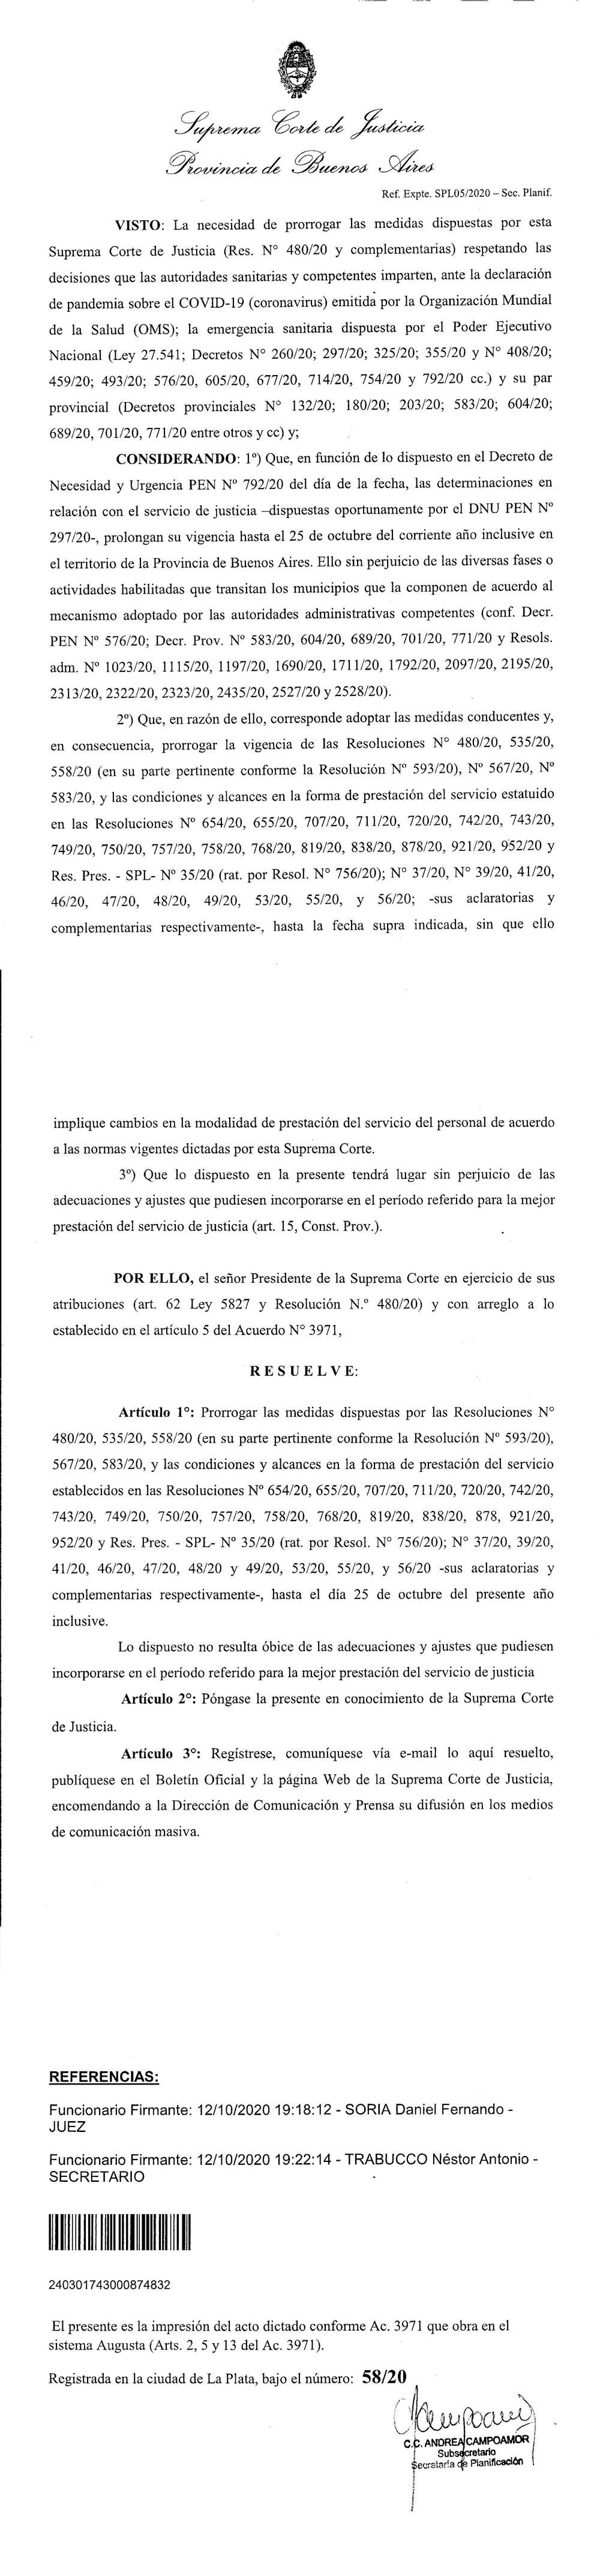 Extensión hasta el 25 de octubre del servicio de justicia en el contexto de la pandemia.